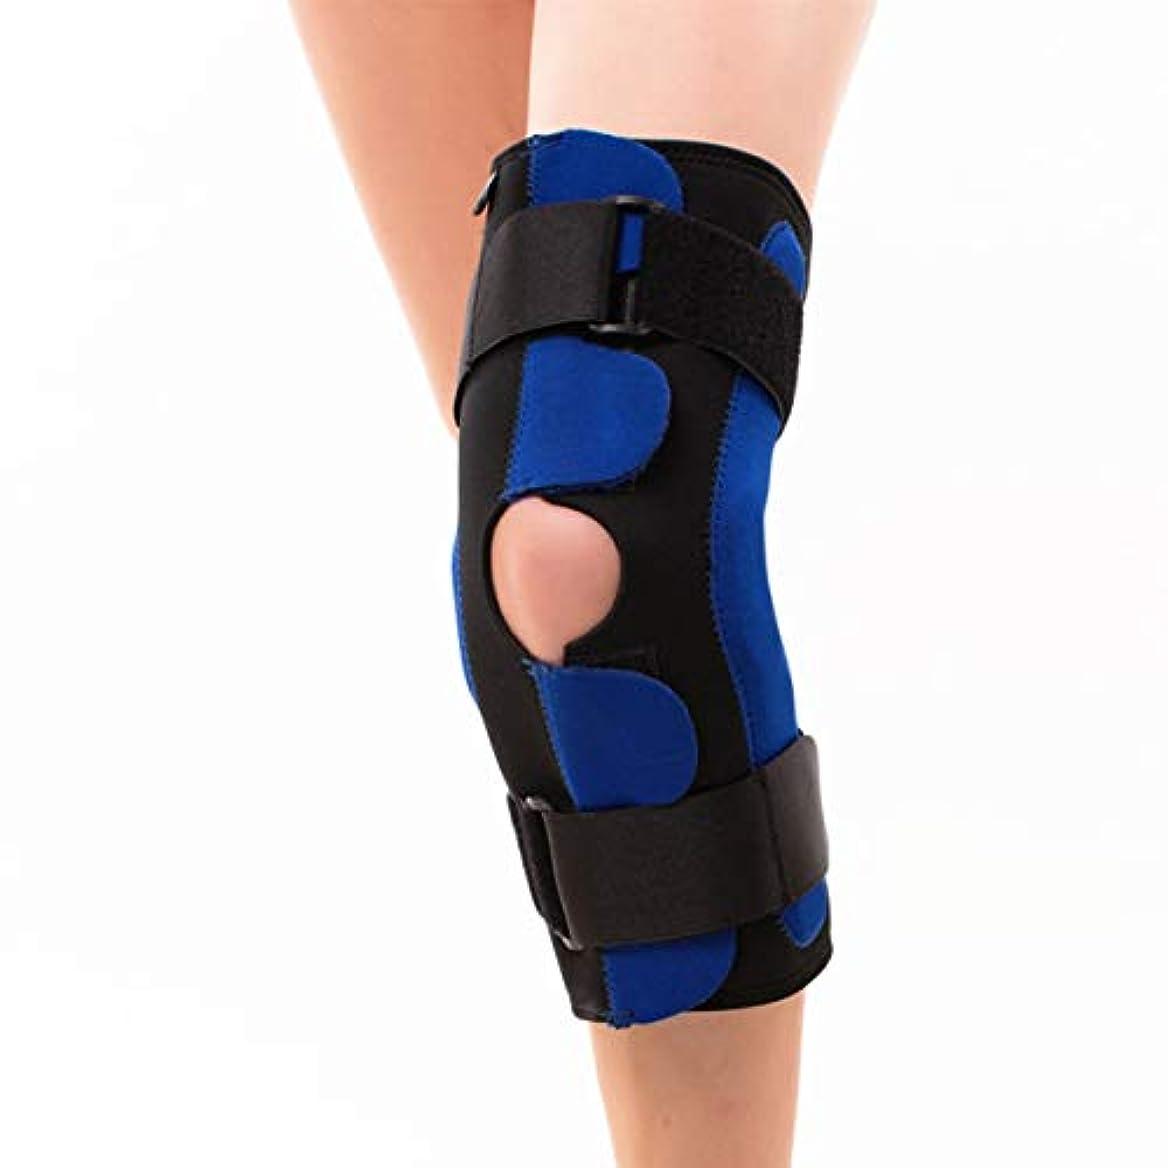 啓示データベース飢えた屋外スポーツ膝パッド膝鋼サポートバークライミングスポーツ安全膝ブレースフィットネス保護パーツ-ブラックL